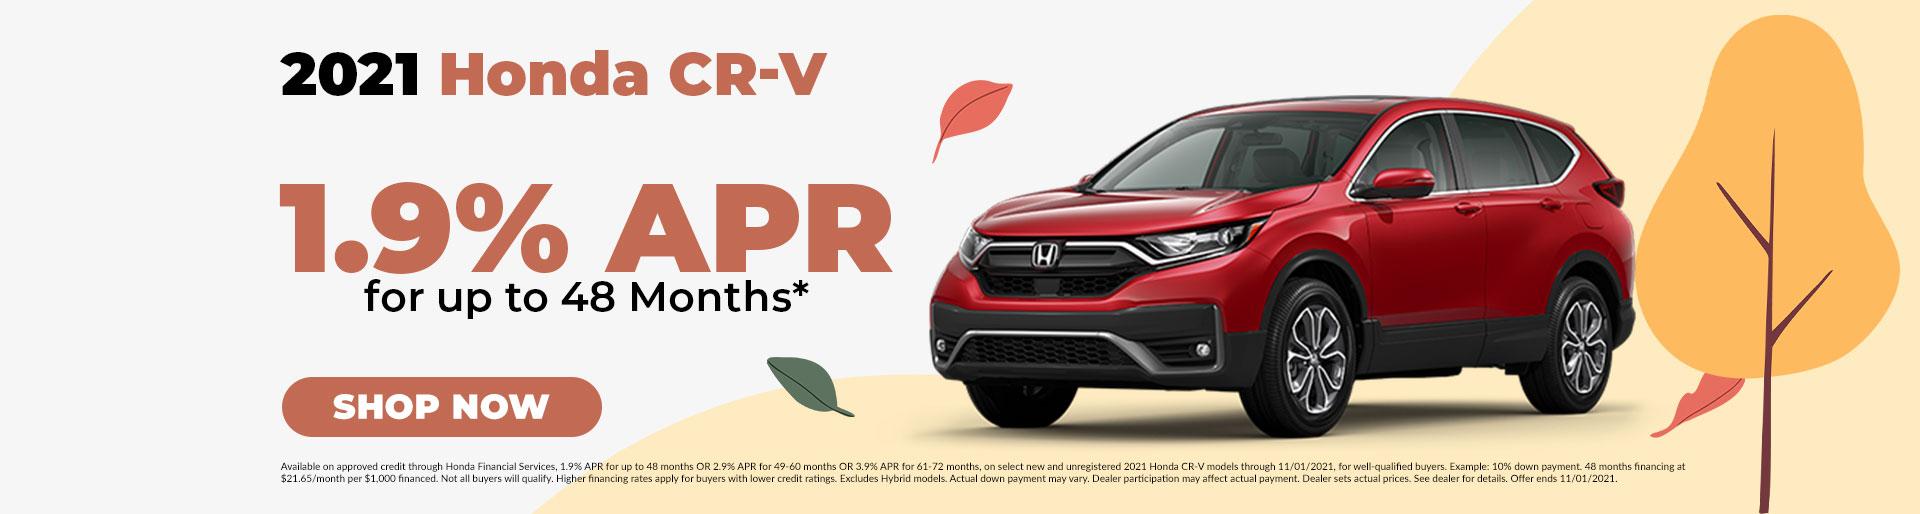 2021 Honda CR-V Offer in Jefferson City, MO